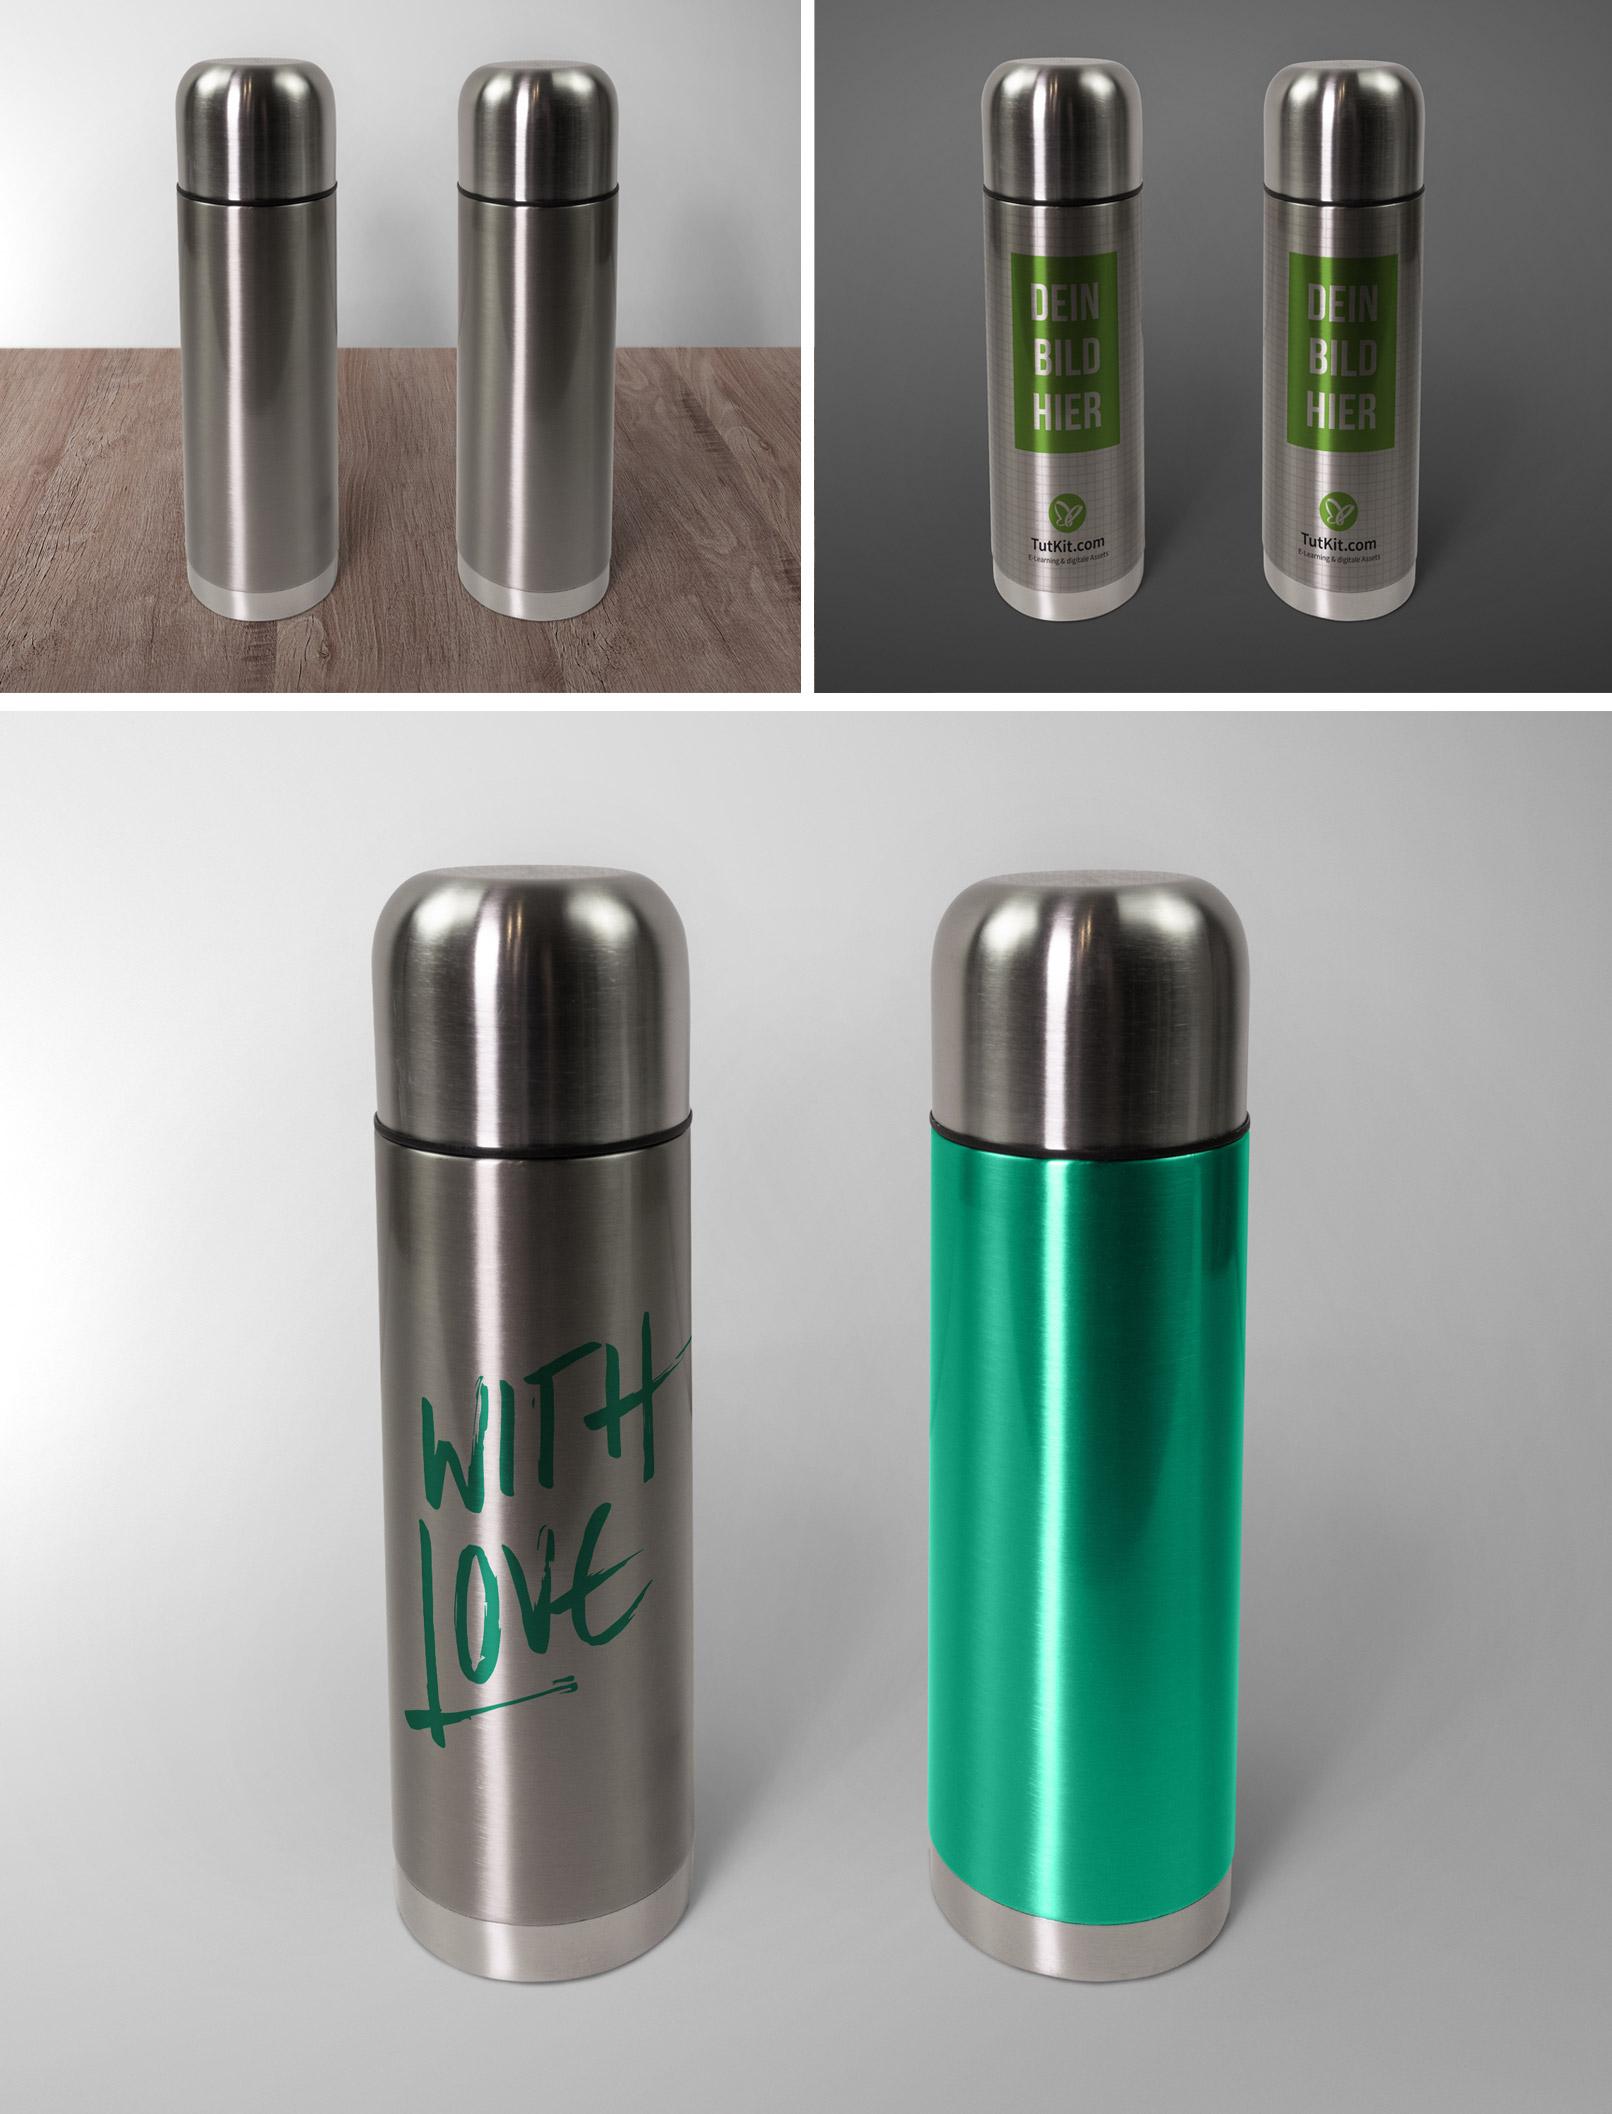 Mockups für Thermosflaschen zeigen den Photoshop-Workflow